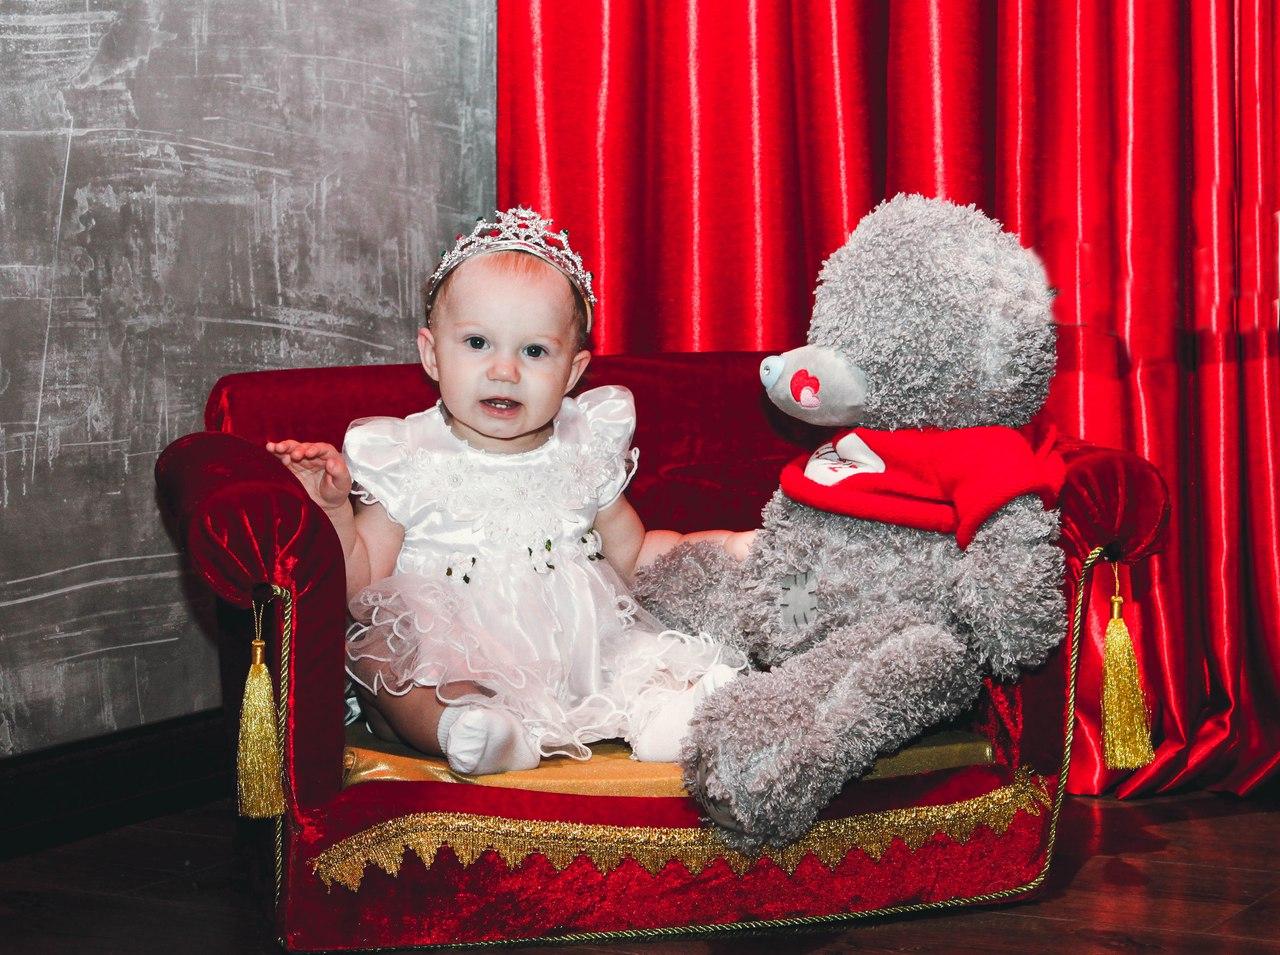 Моя дочь Алиса. 'Дантинорм Бэби' – каждый зубик в радость!